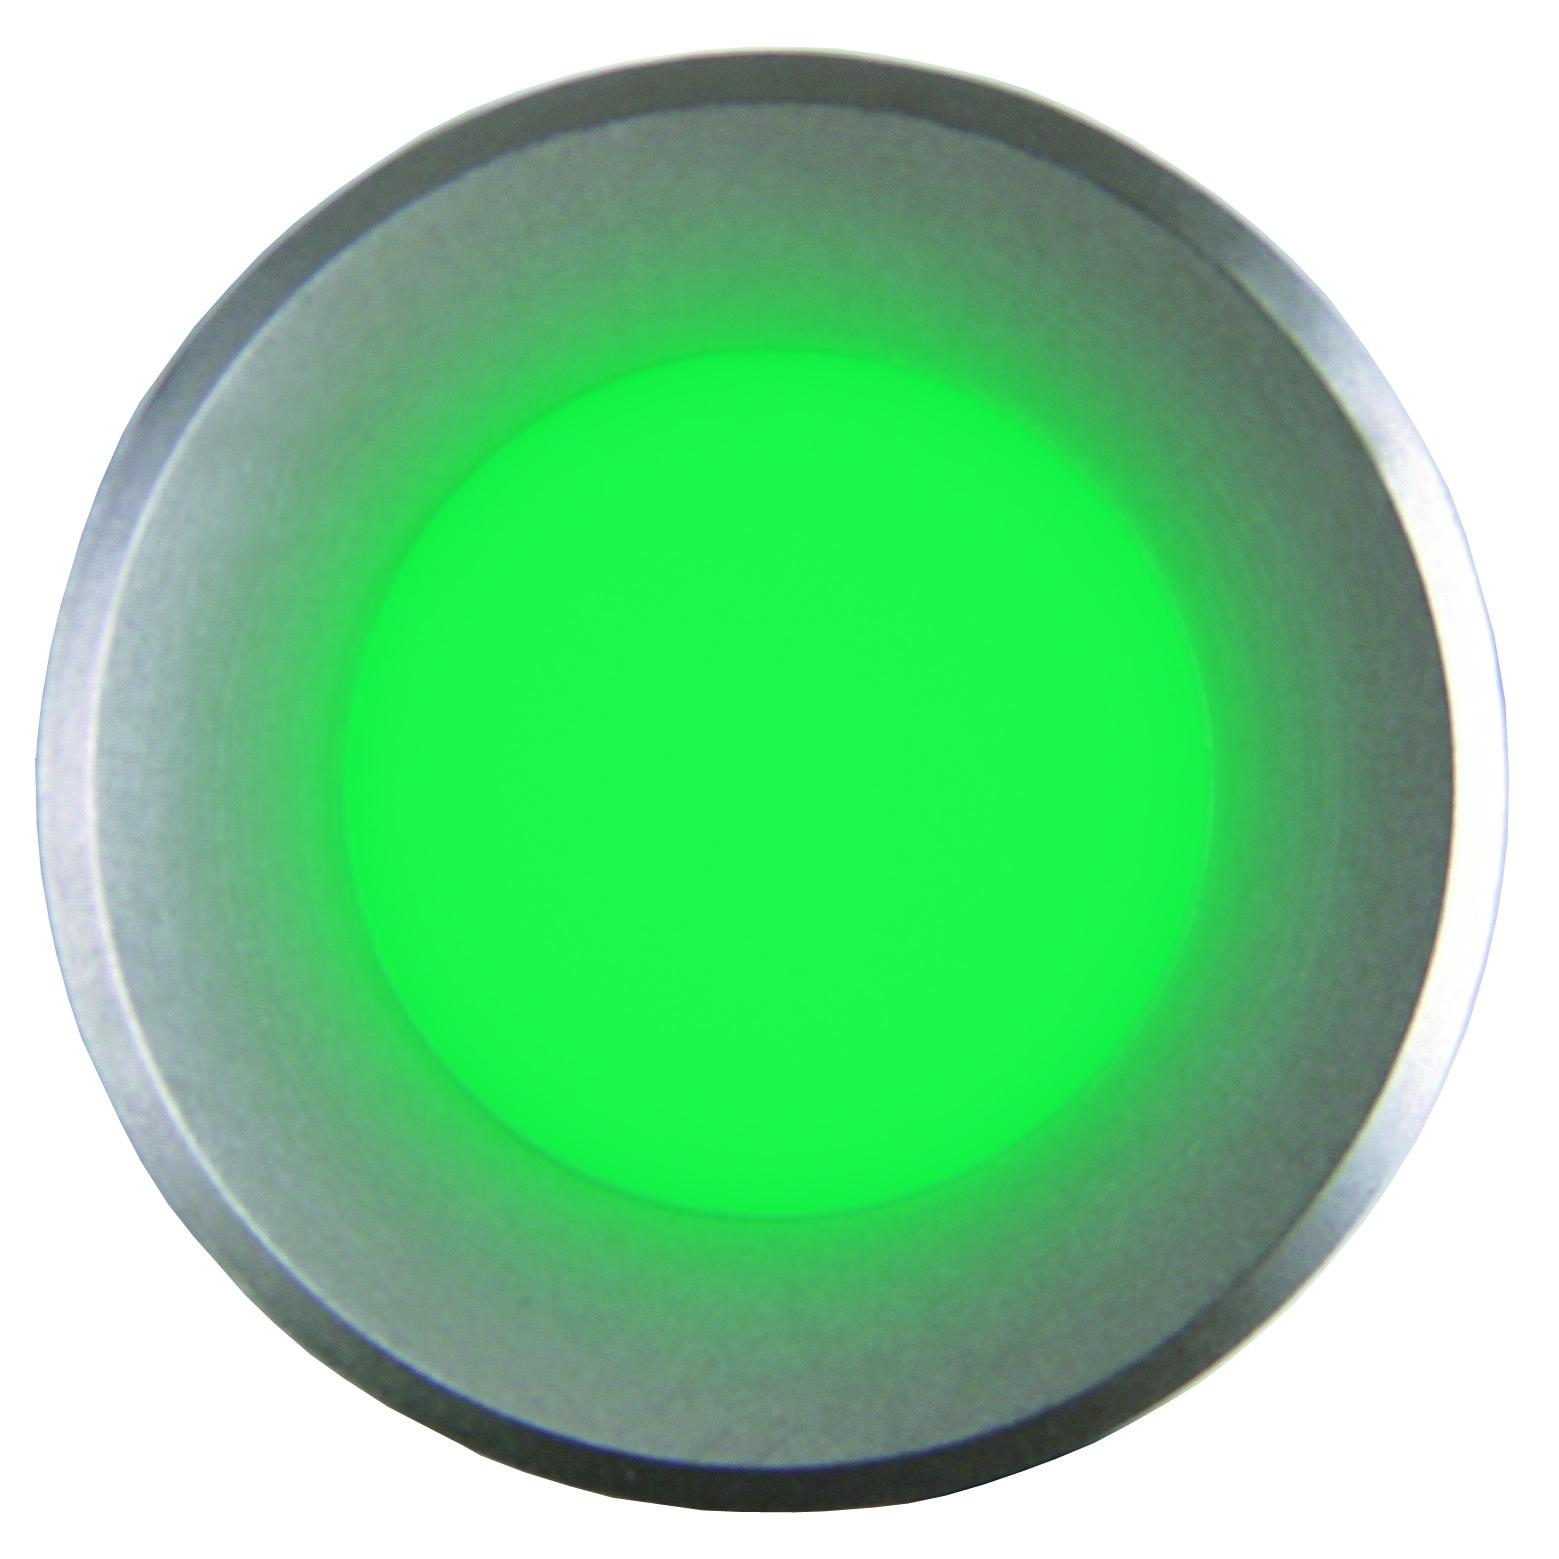 Schego Unterwasserleuchte SchegoLUX Base 3 St. Grün 12 V/3 X 0, 397 | Lampen > Aussenlampen > Wasserleuchten | Grün